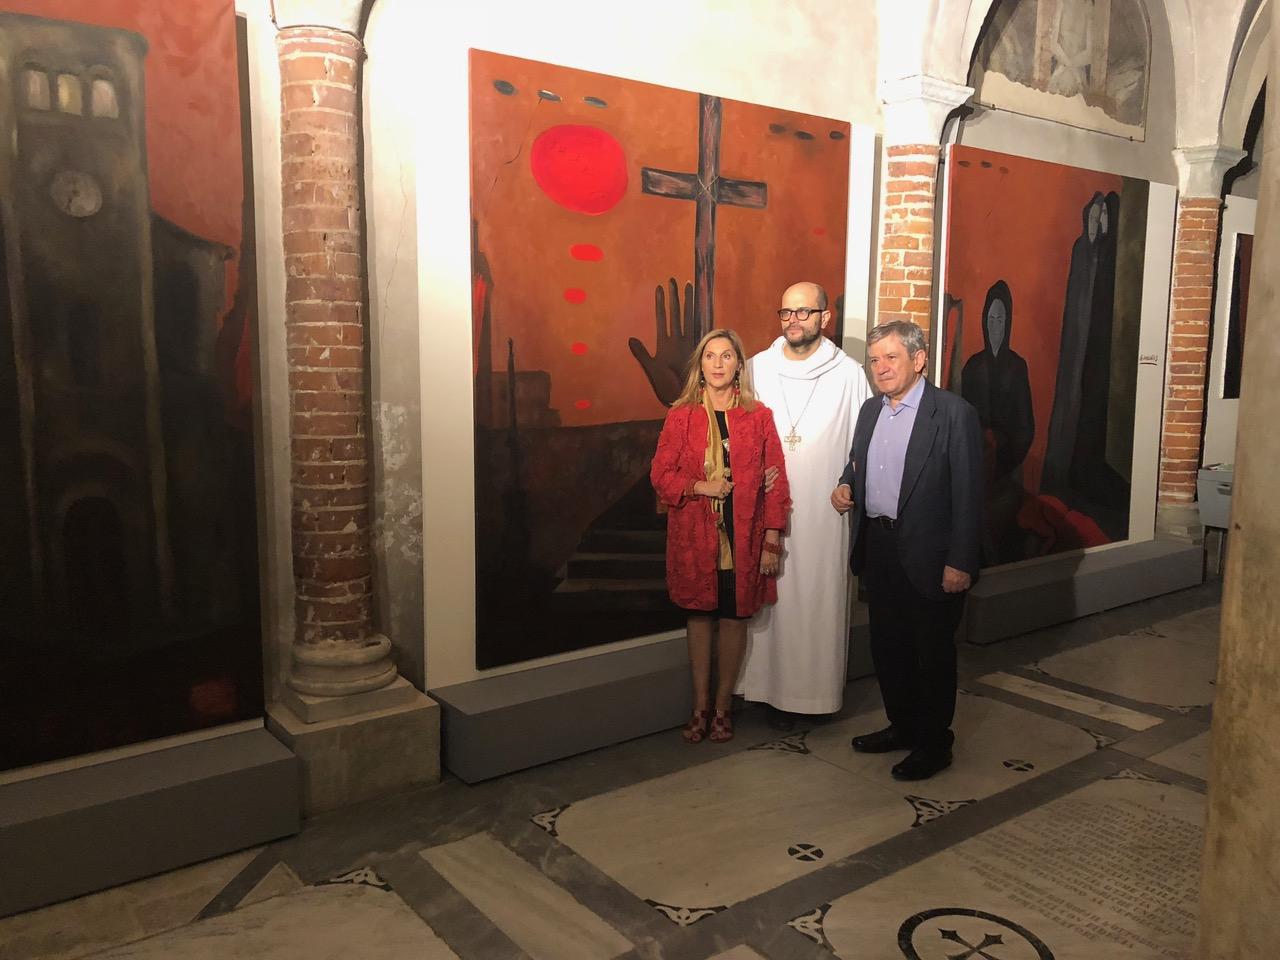 Firenze, 19 Ottobre 2018 - Dom Bernardo, Enrique Baron all'inaugurazione a Gernika